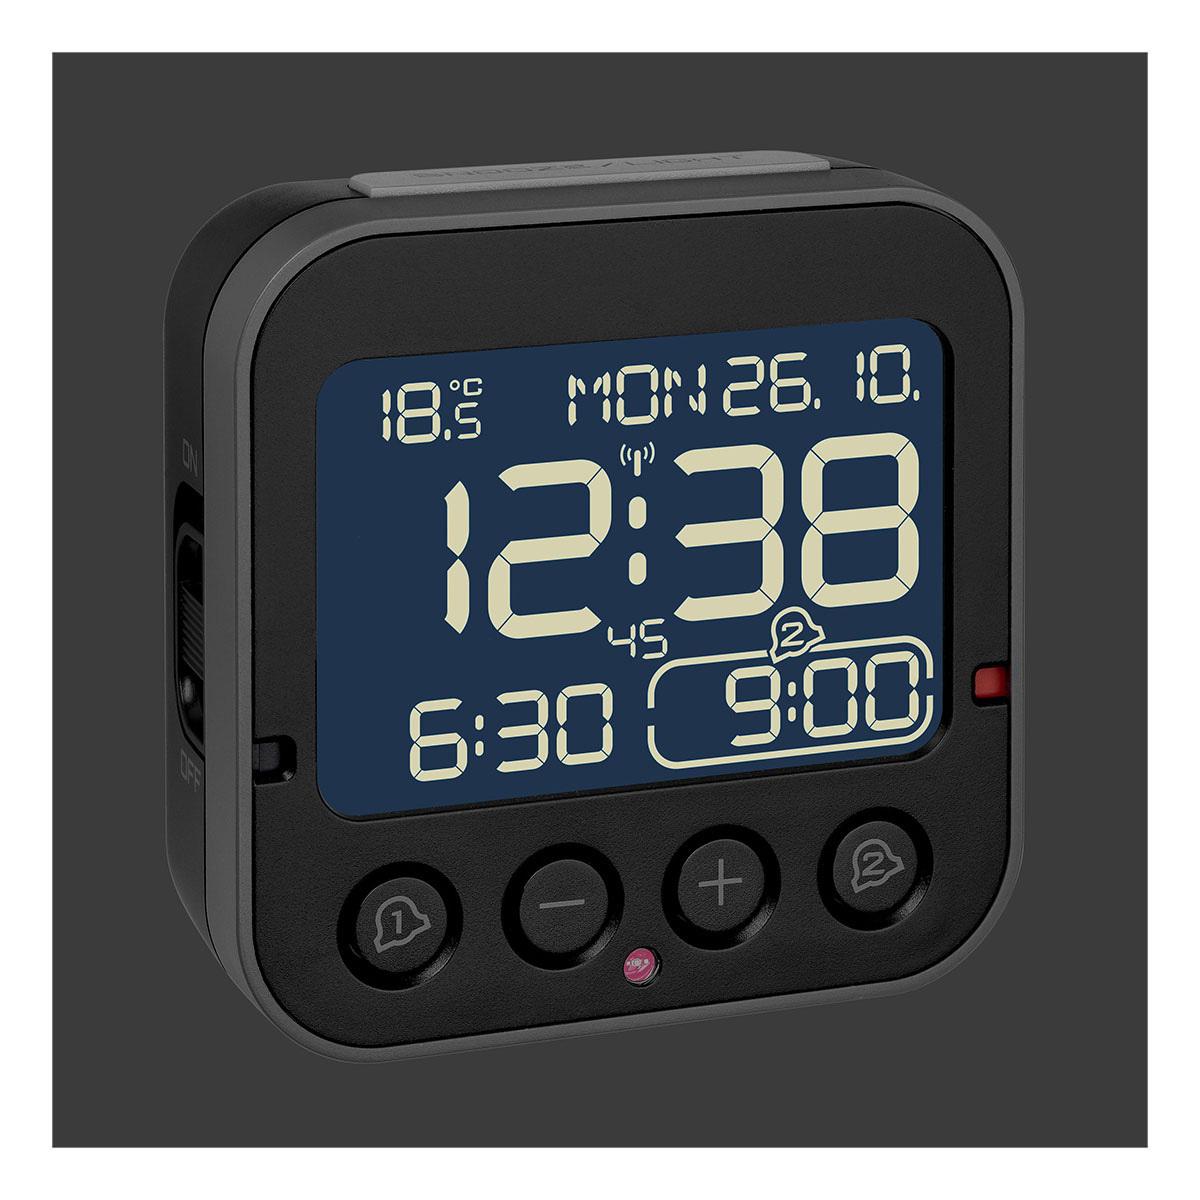 60-2552-01-digitaler-funk-wecker-mit-temperatur-bingo-2-0-beleuchtung-1200x1200px.jpg